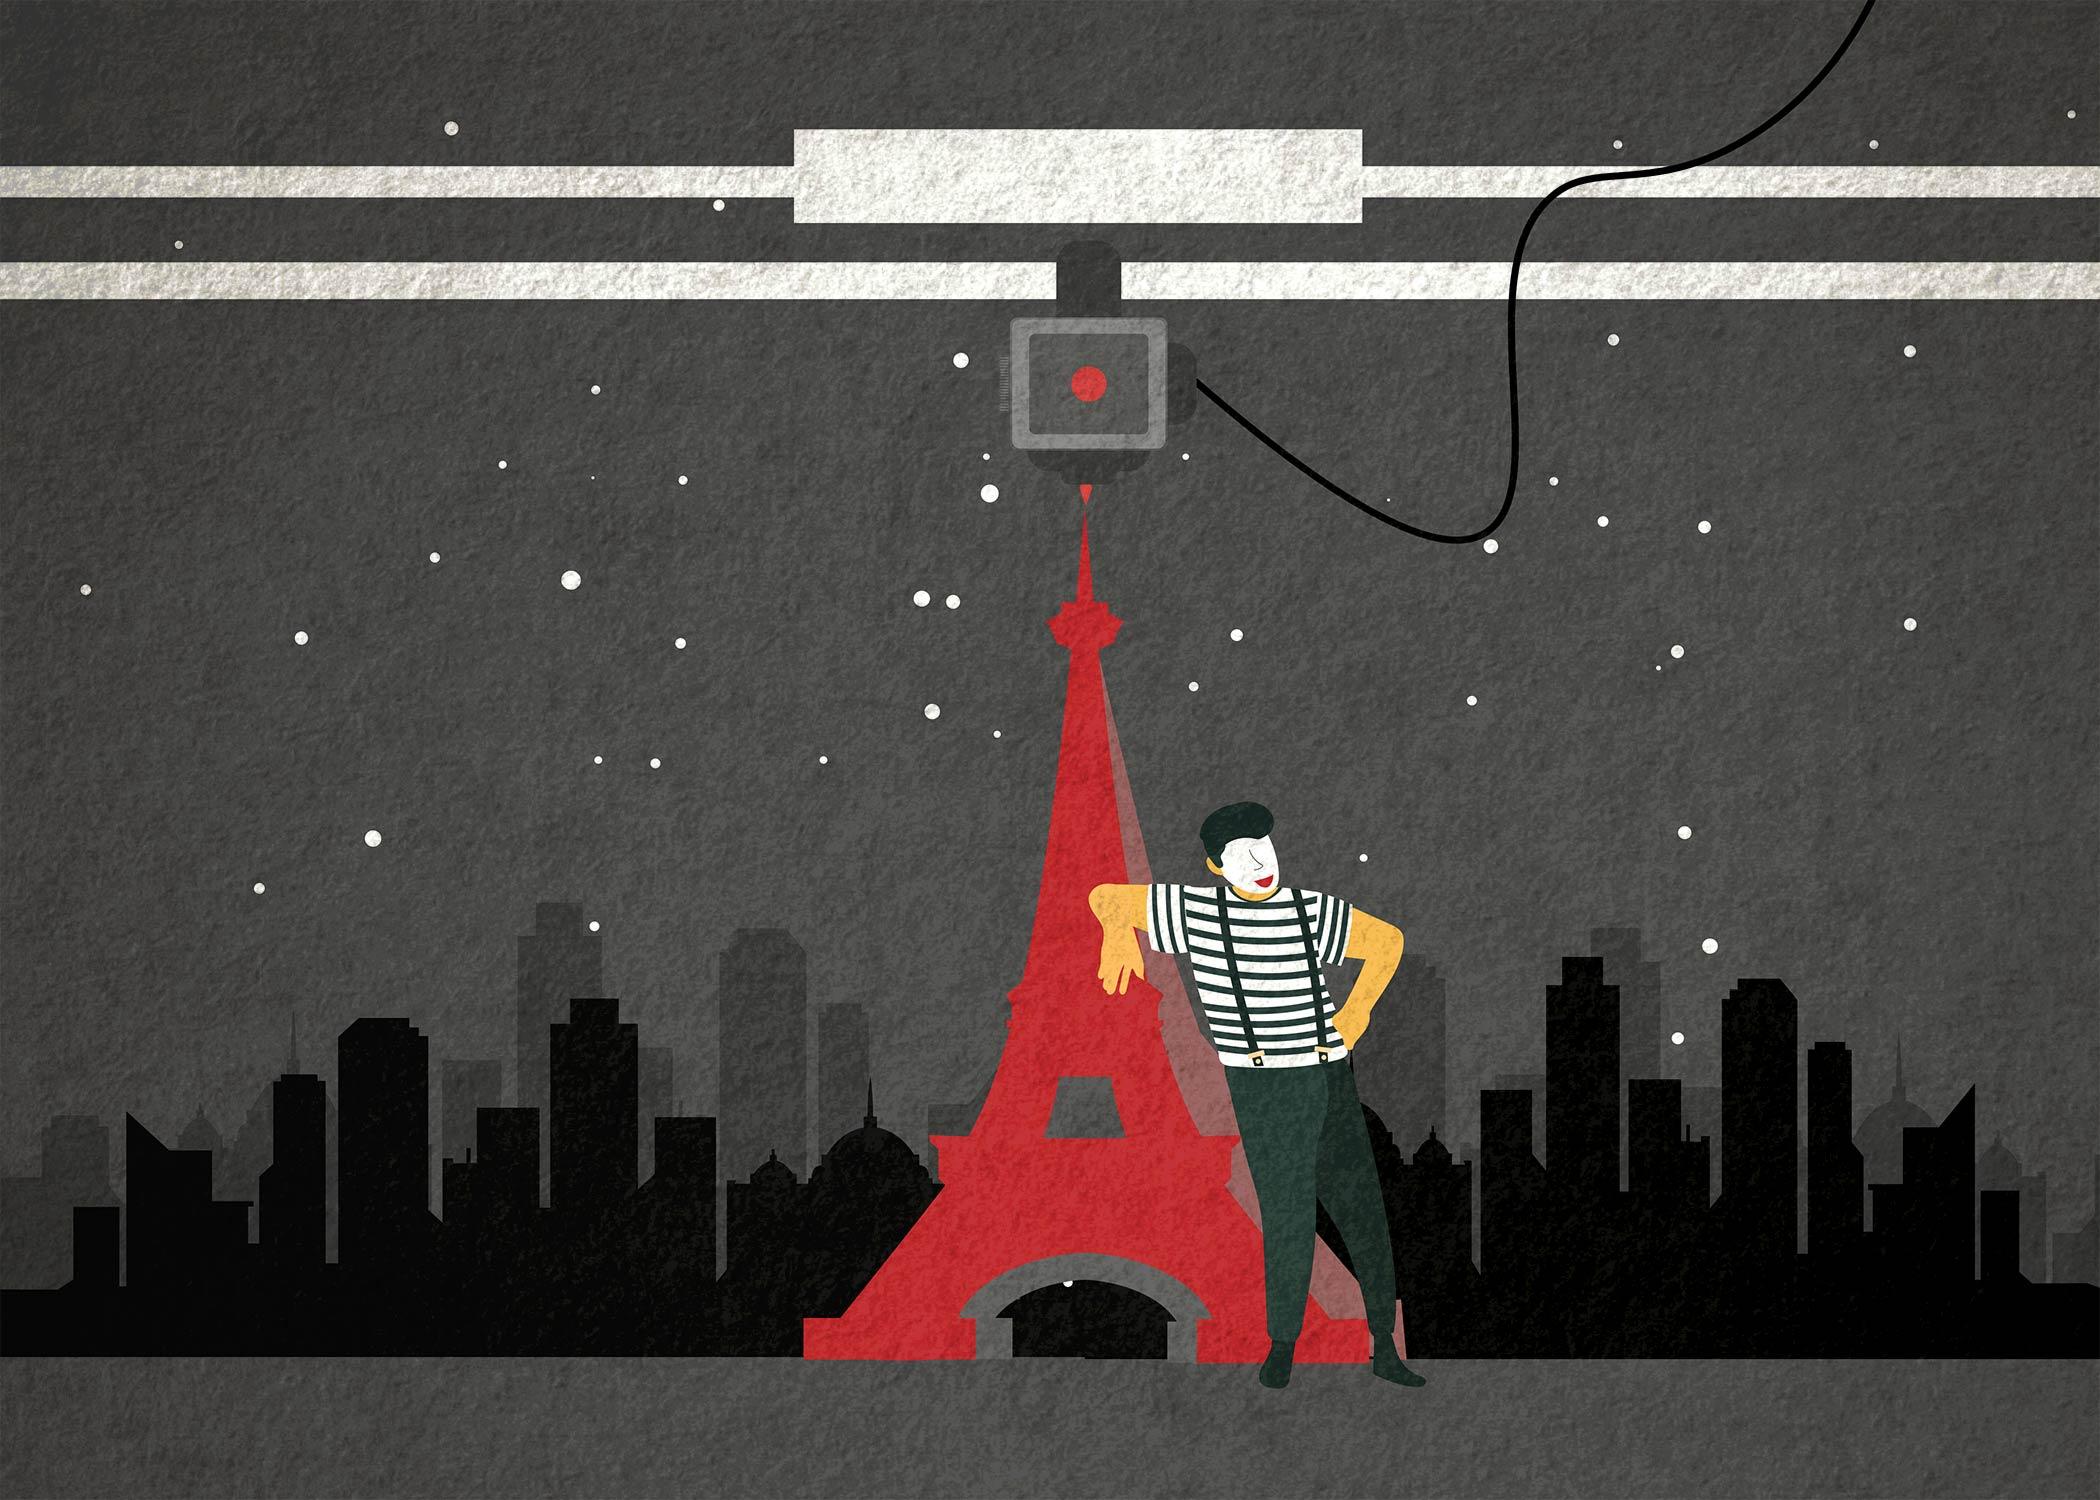 3D printed Eiffel Tower in Paris